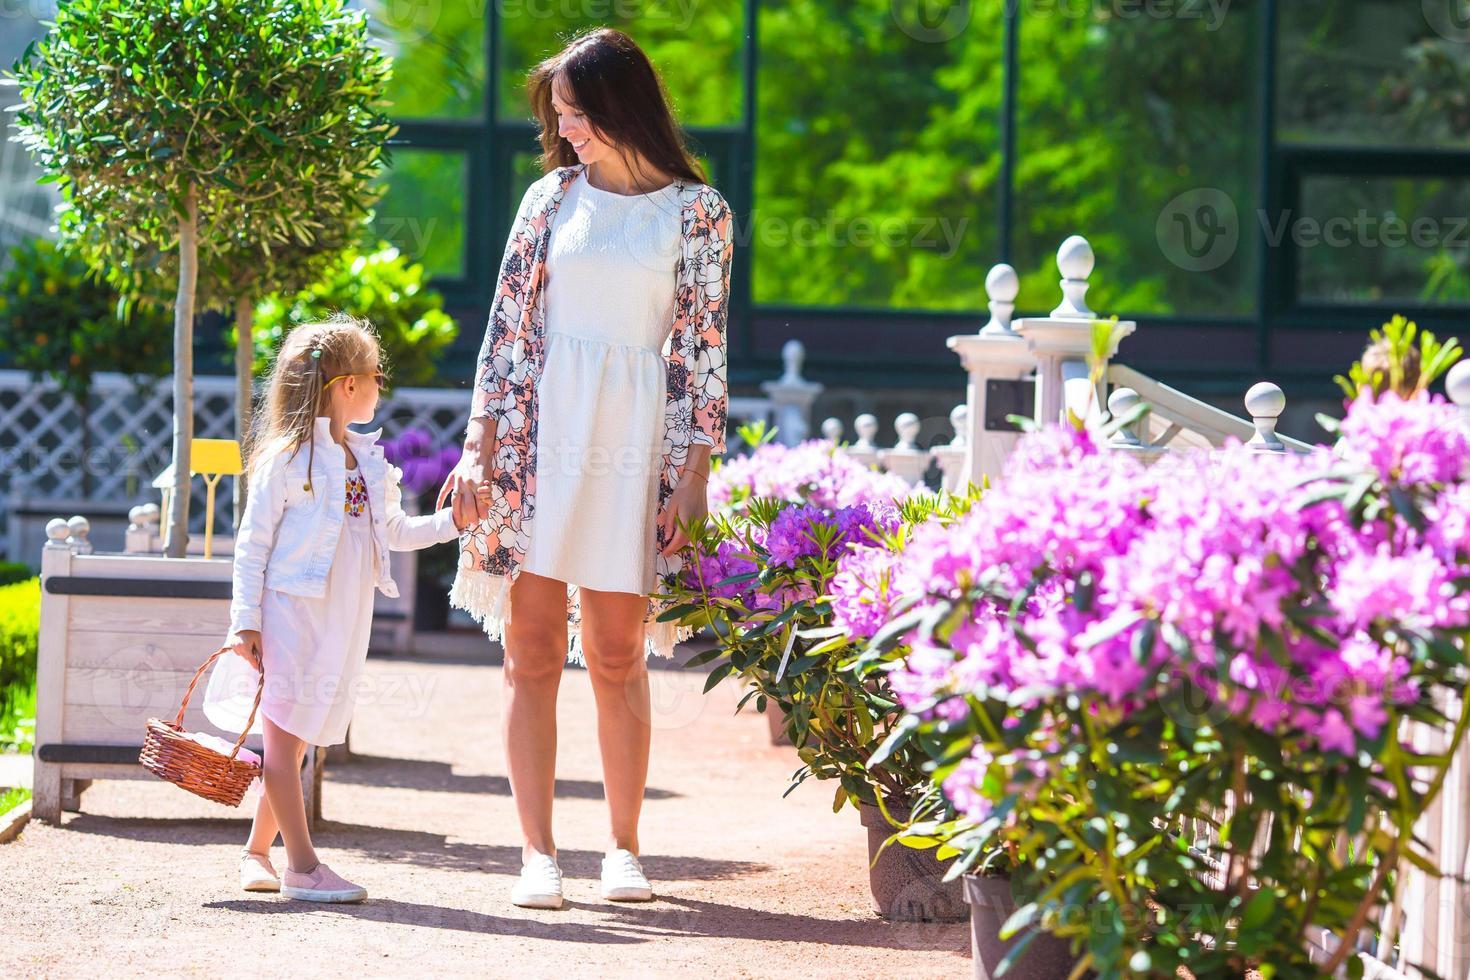 feliz madre y adorable niña disfrutando de un día cálido en el jardín foto